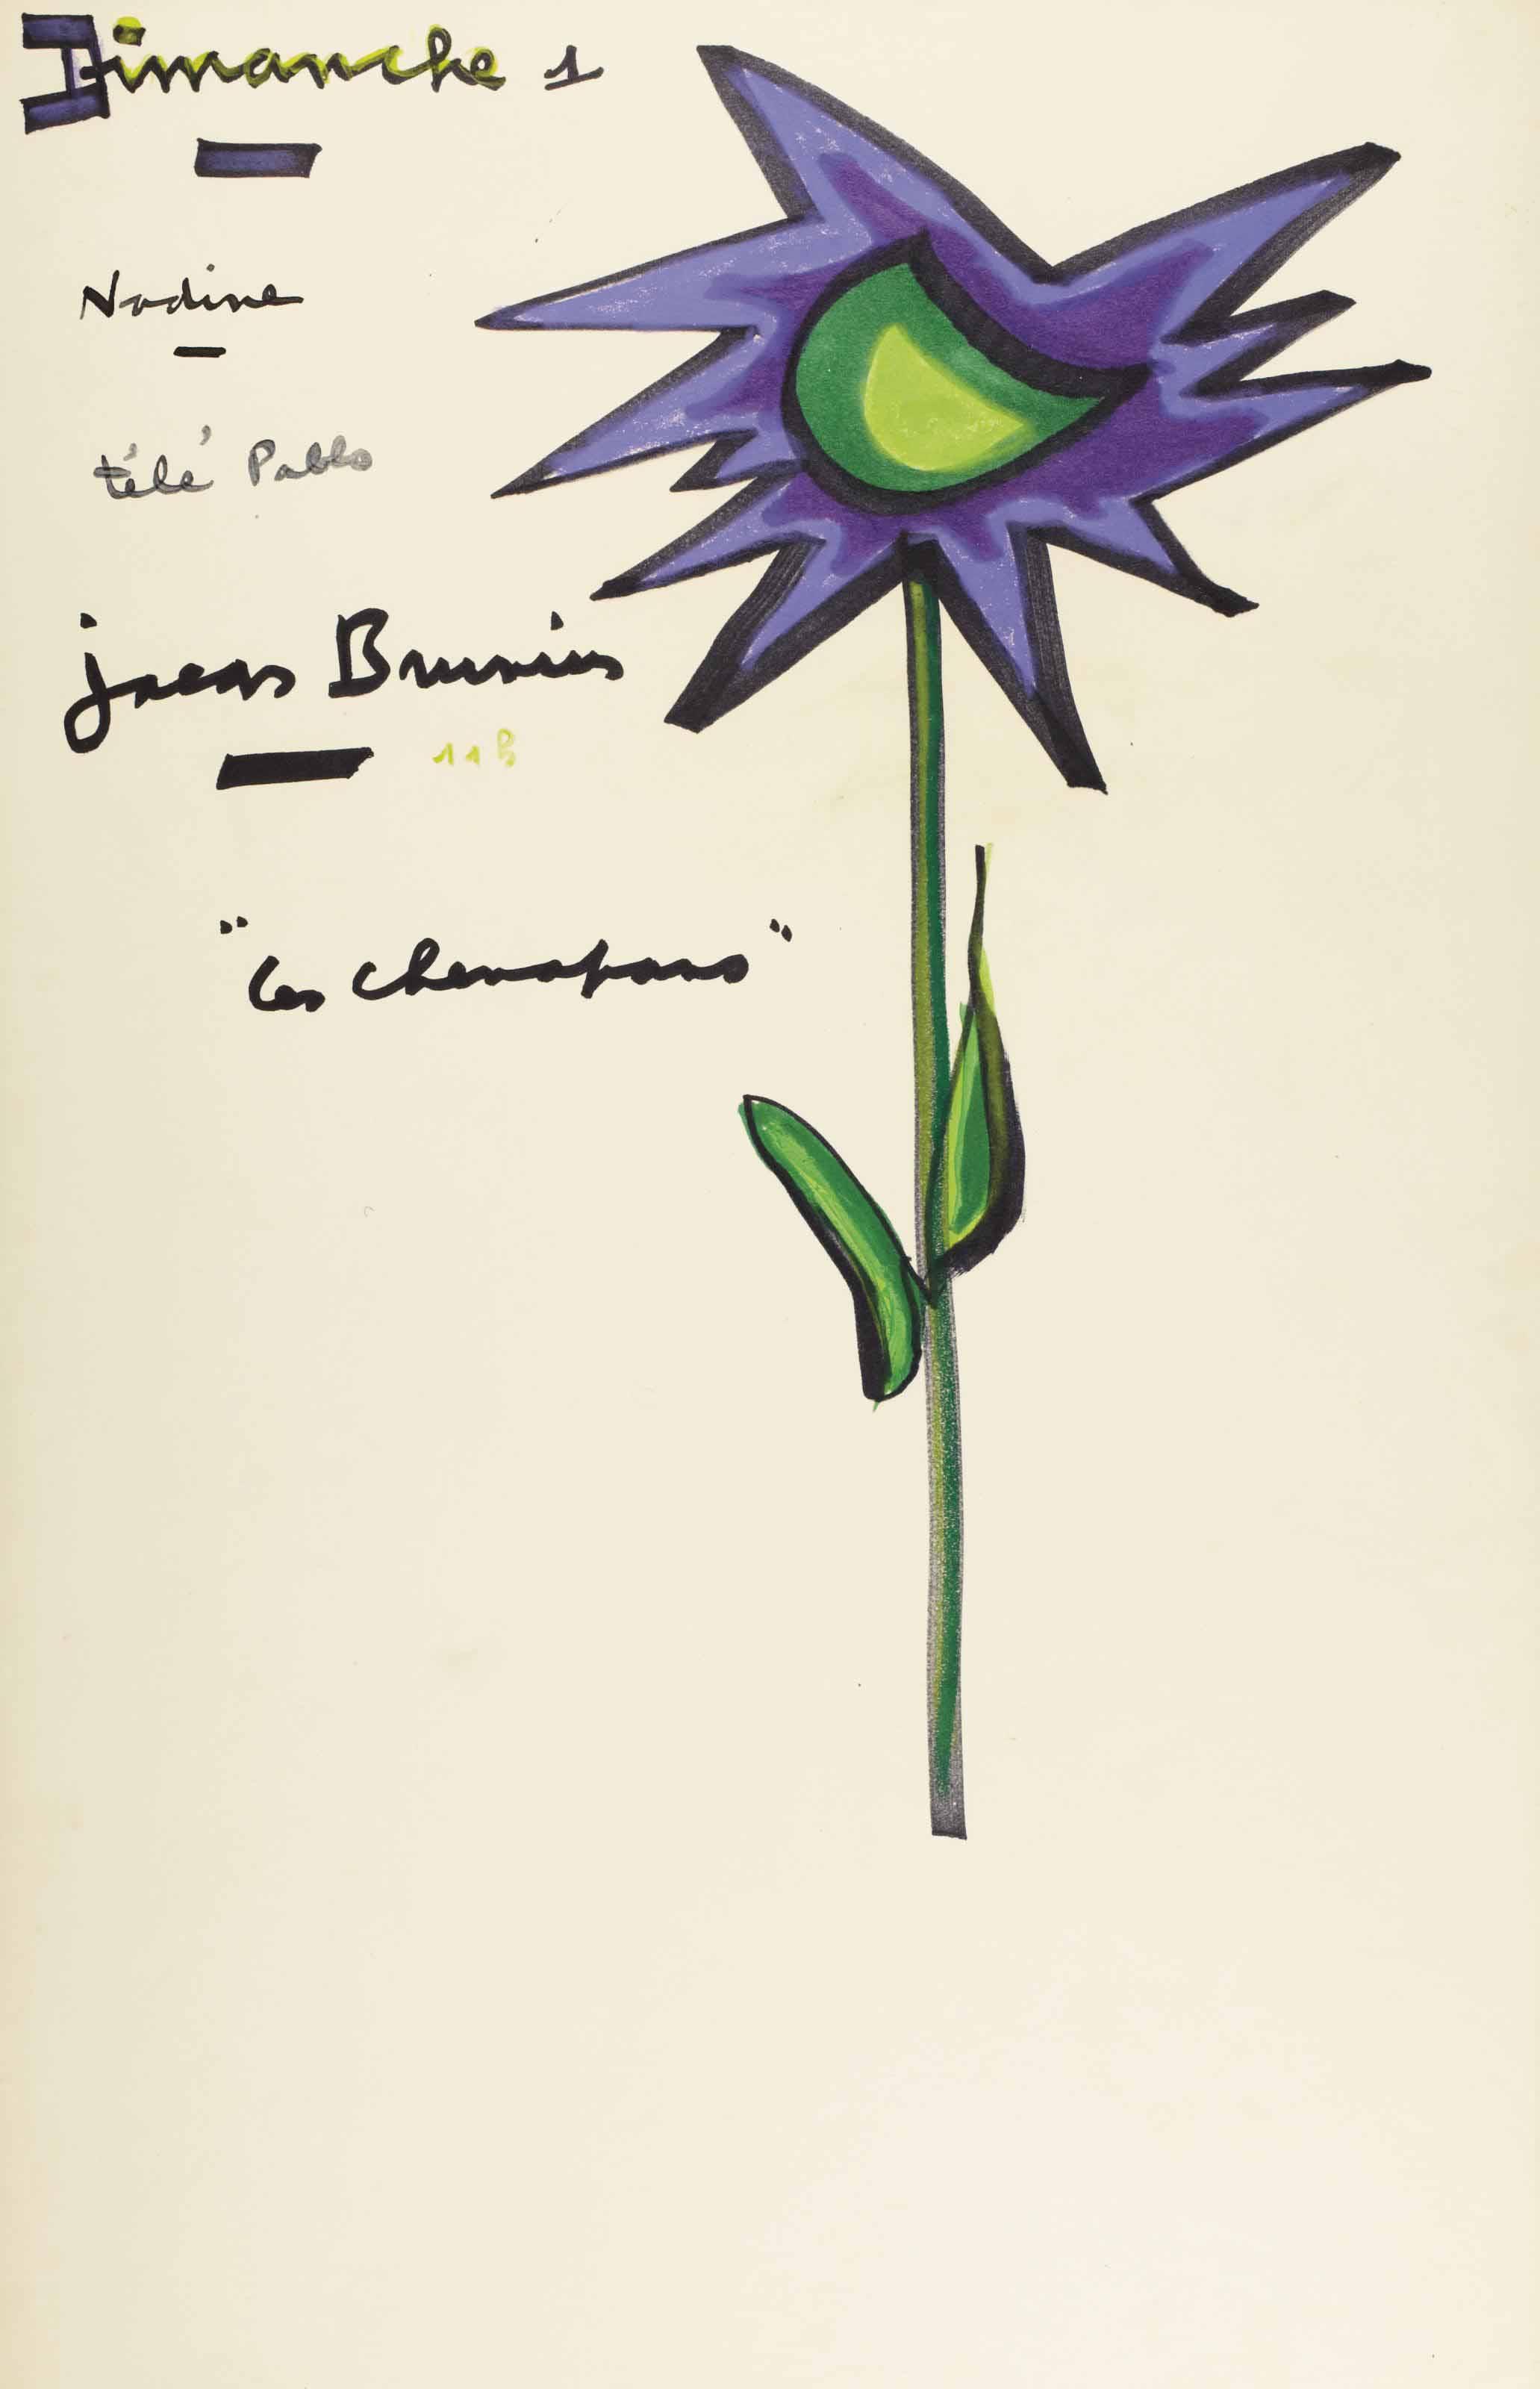 """PRÉVERT, Jacques (1900-1977). Éphéméride, """"Dimanche 1"""", un feuillet in-folio (417 x 268 mm), dessin original d'une grande fleur multicolore à droite, et notes autographes : """"Nadine - télé Pablo [Picasso] - Jacques Brunius""""."""